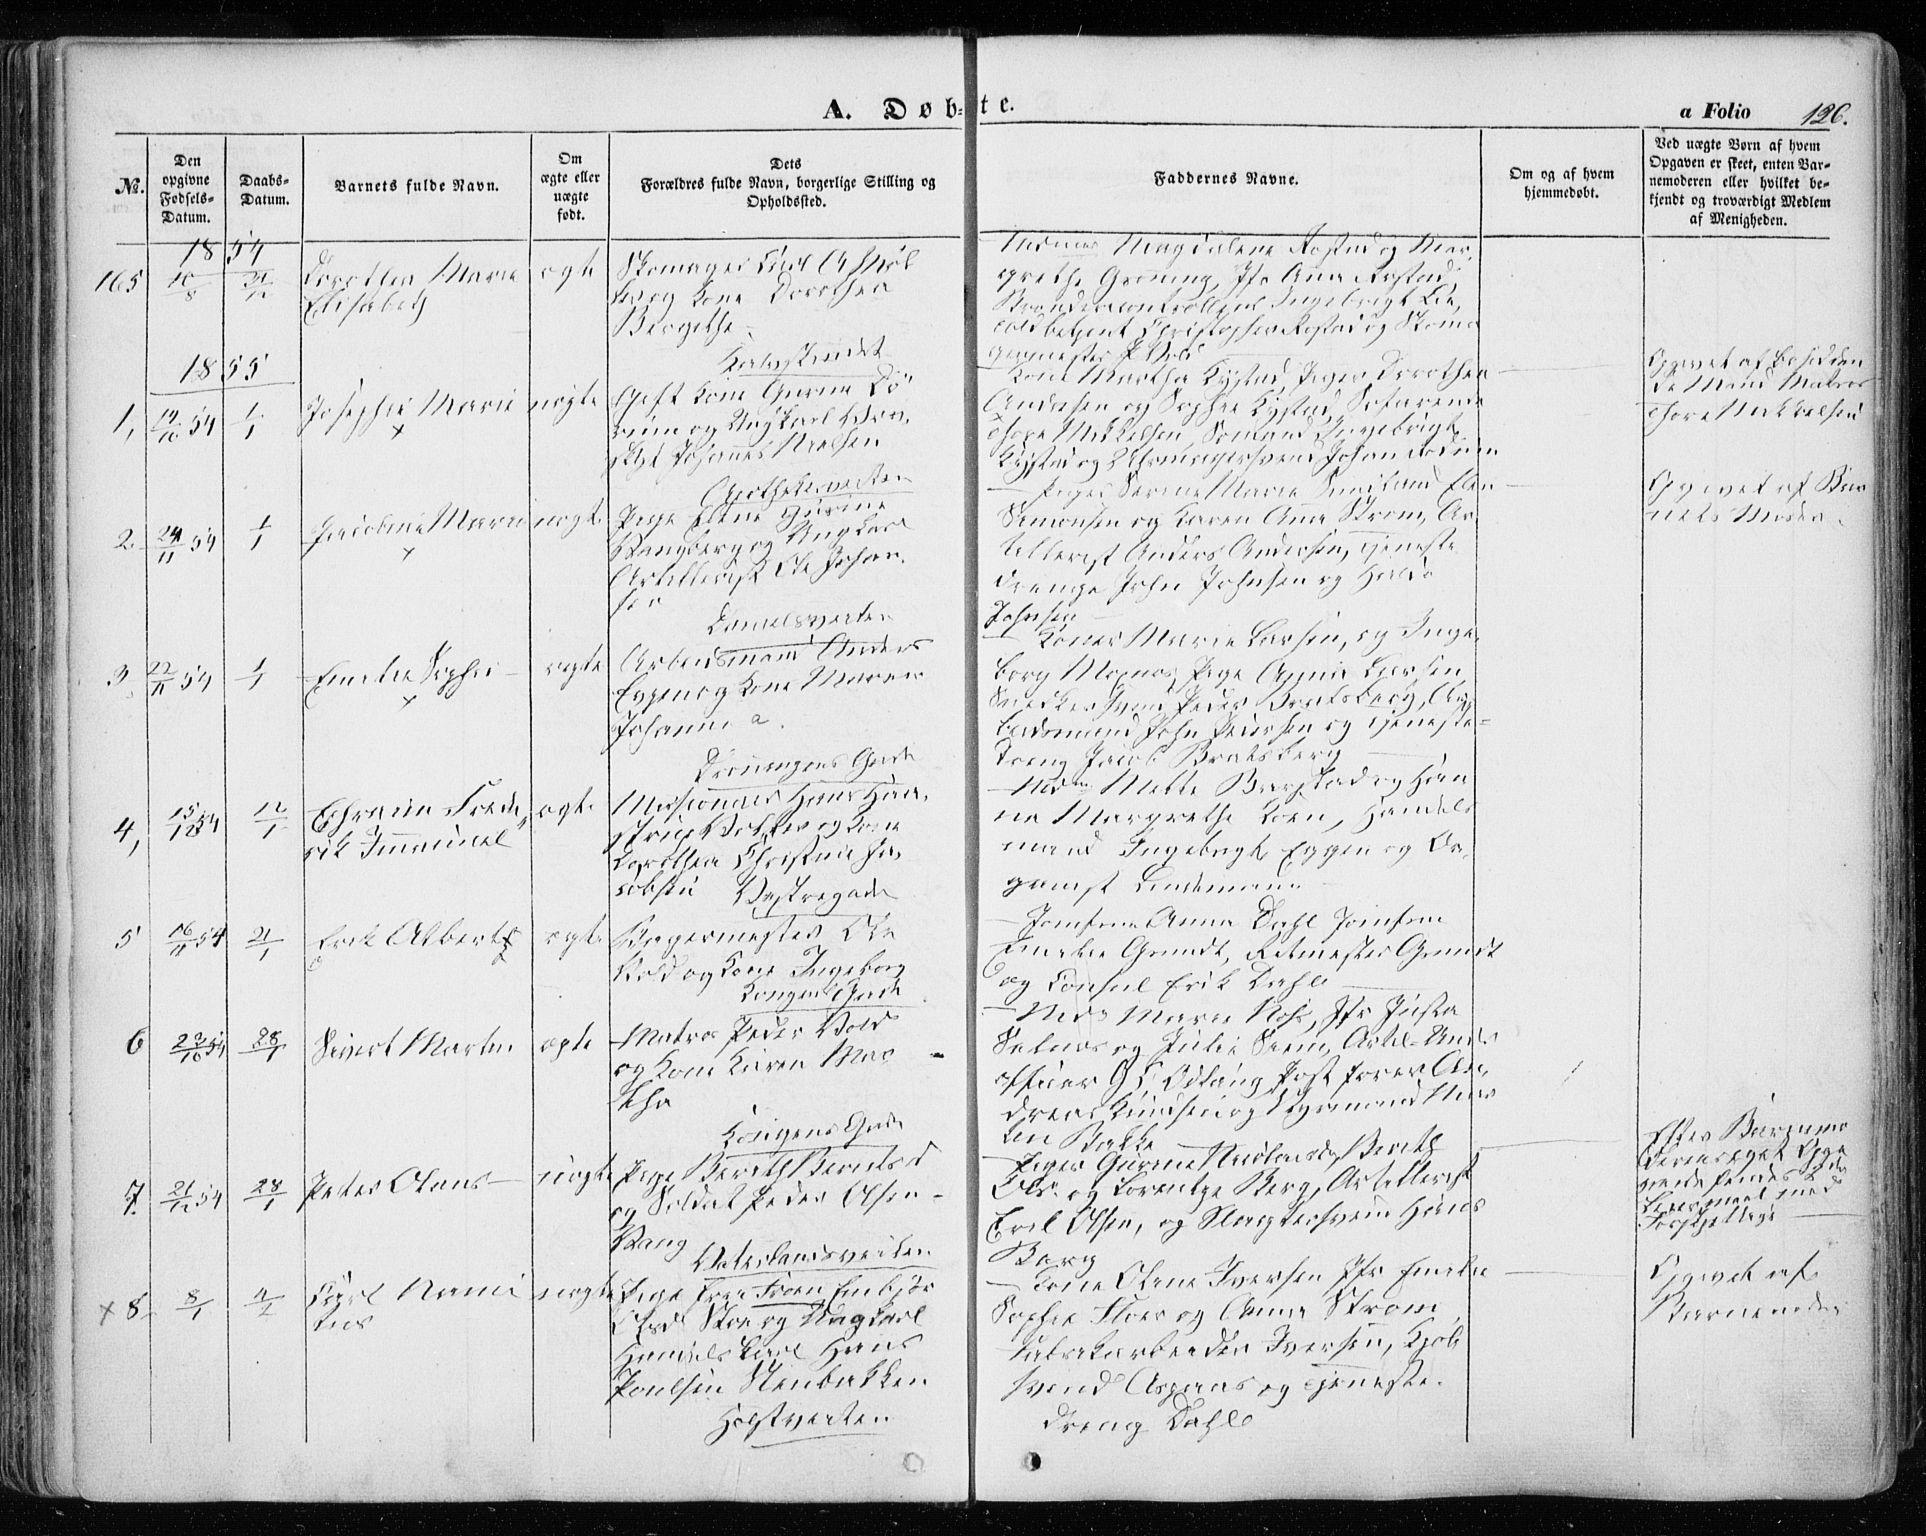 SAT, Ministerialprotokoller, klokkerbøker og fødselsregistre - Sør-Trøndelag, 601/L0051: Ministerialbok nr. 601A19, 1848-1857, s. 126